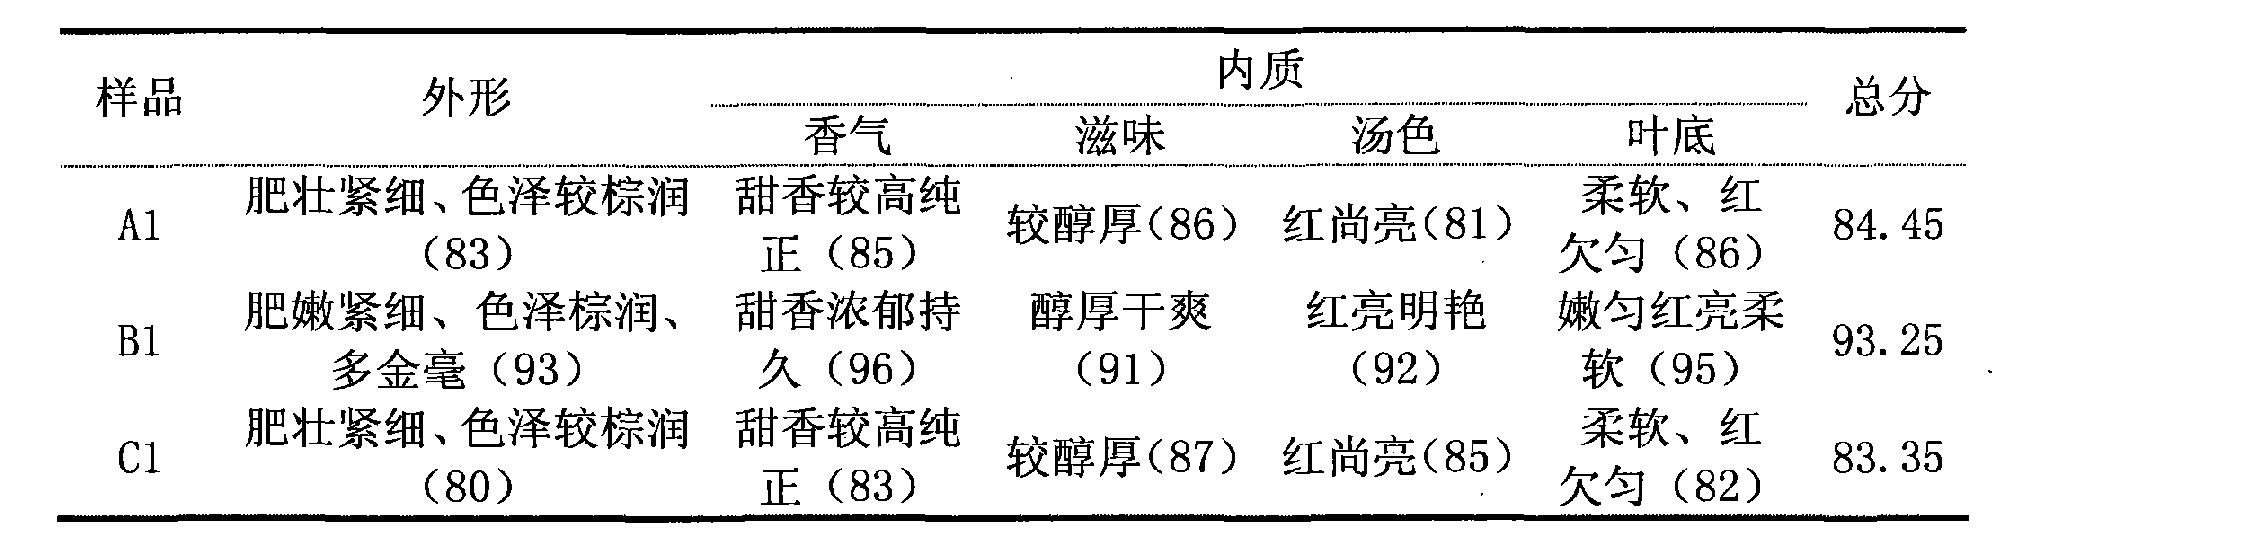 Figure CN102217683BD00072